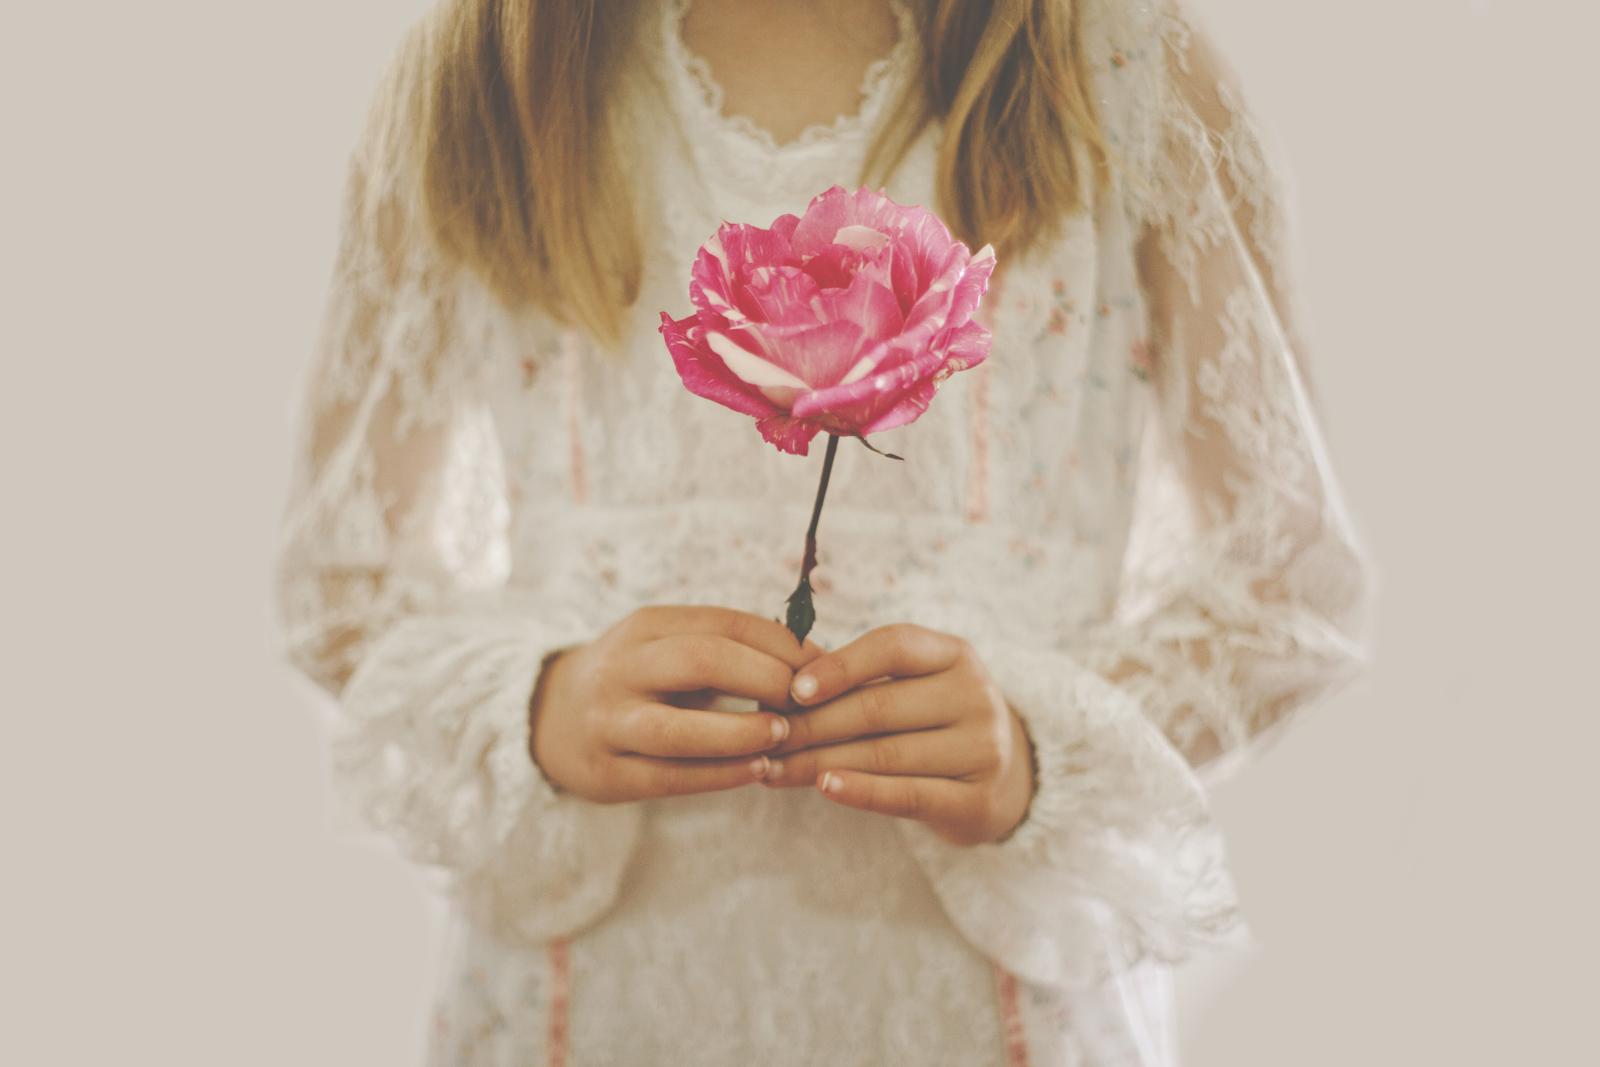 Little girl holding rose!